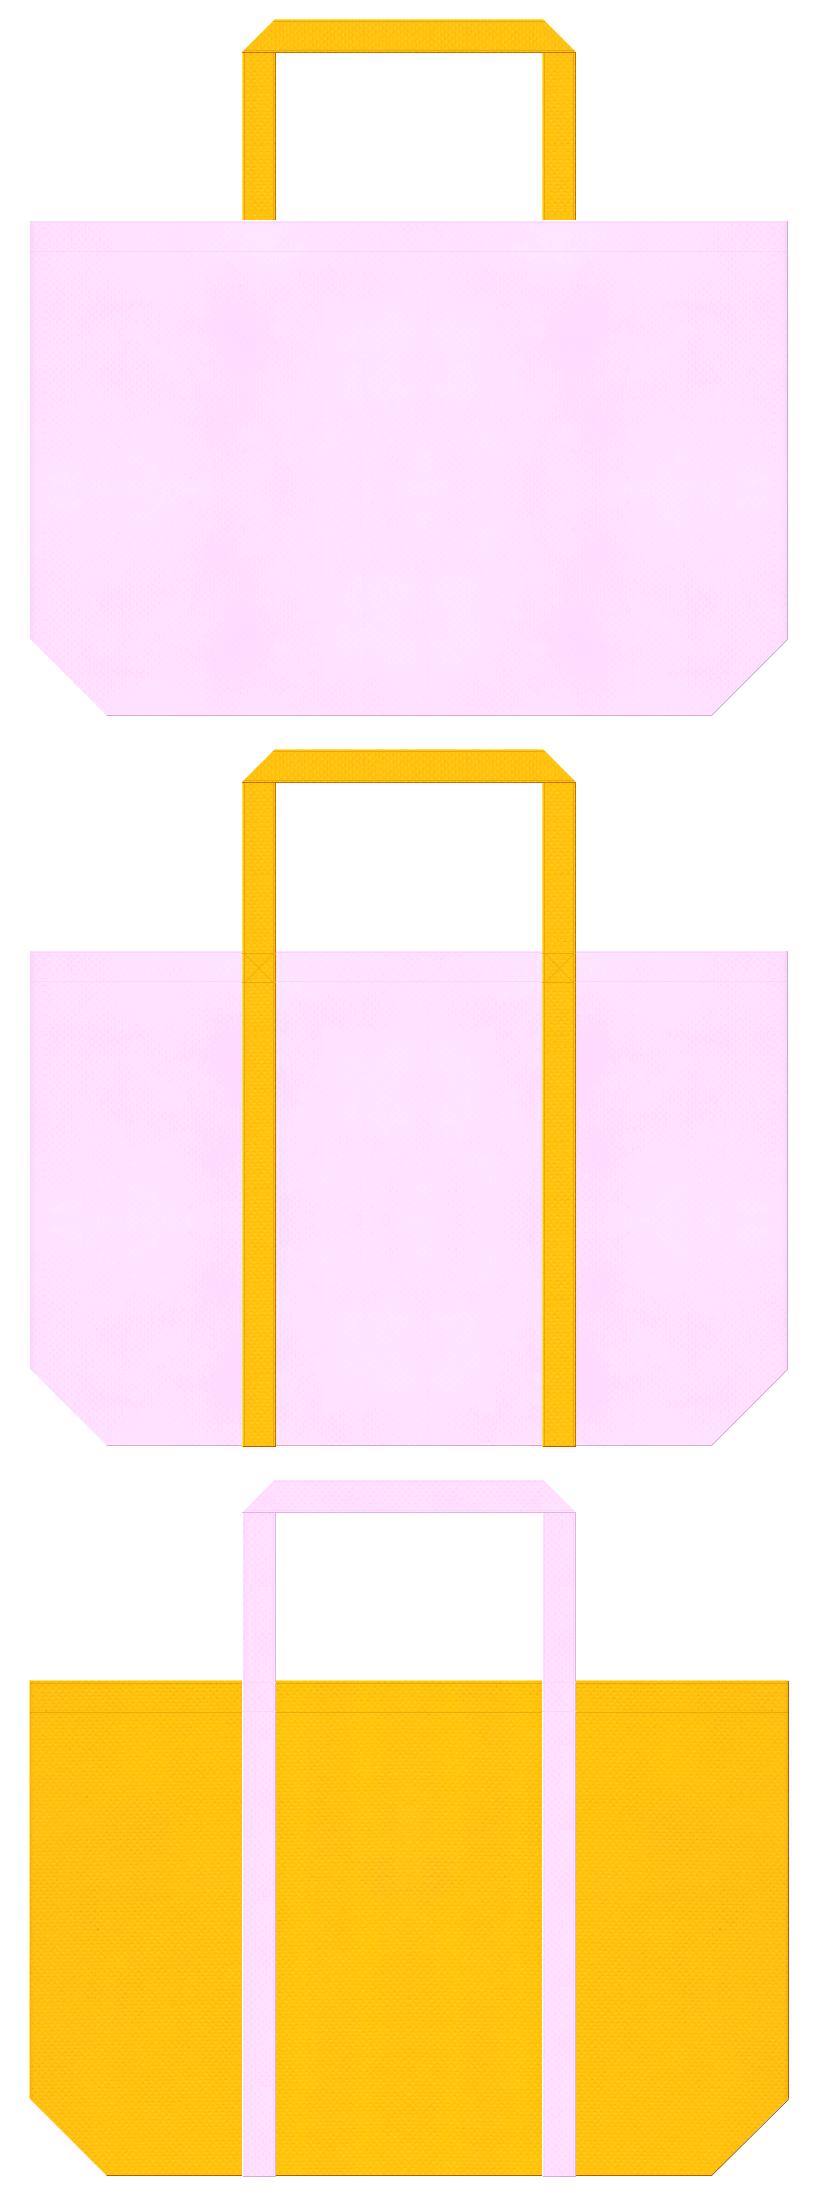 絵本・おとぎ話・月・星・エンジェル・ピエロ・プリンセス・おもちゃの兵隊・楽団・テーマパーク・菜の花・ひよこ・保育・通園バッグ・キッズイベント・ガーリーデザインのショッピングバッグにお奨めの不織布バッグデザイン:パステルピンク色と黄色のコーデ